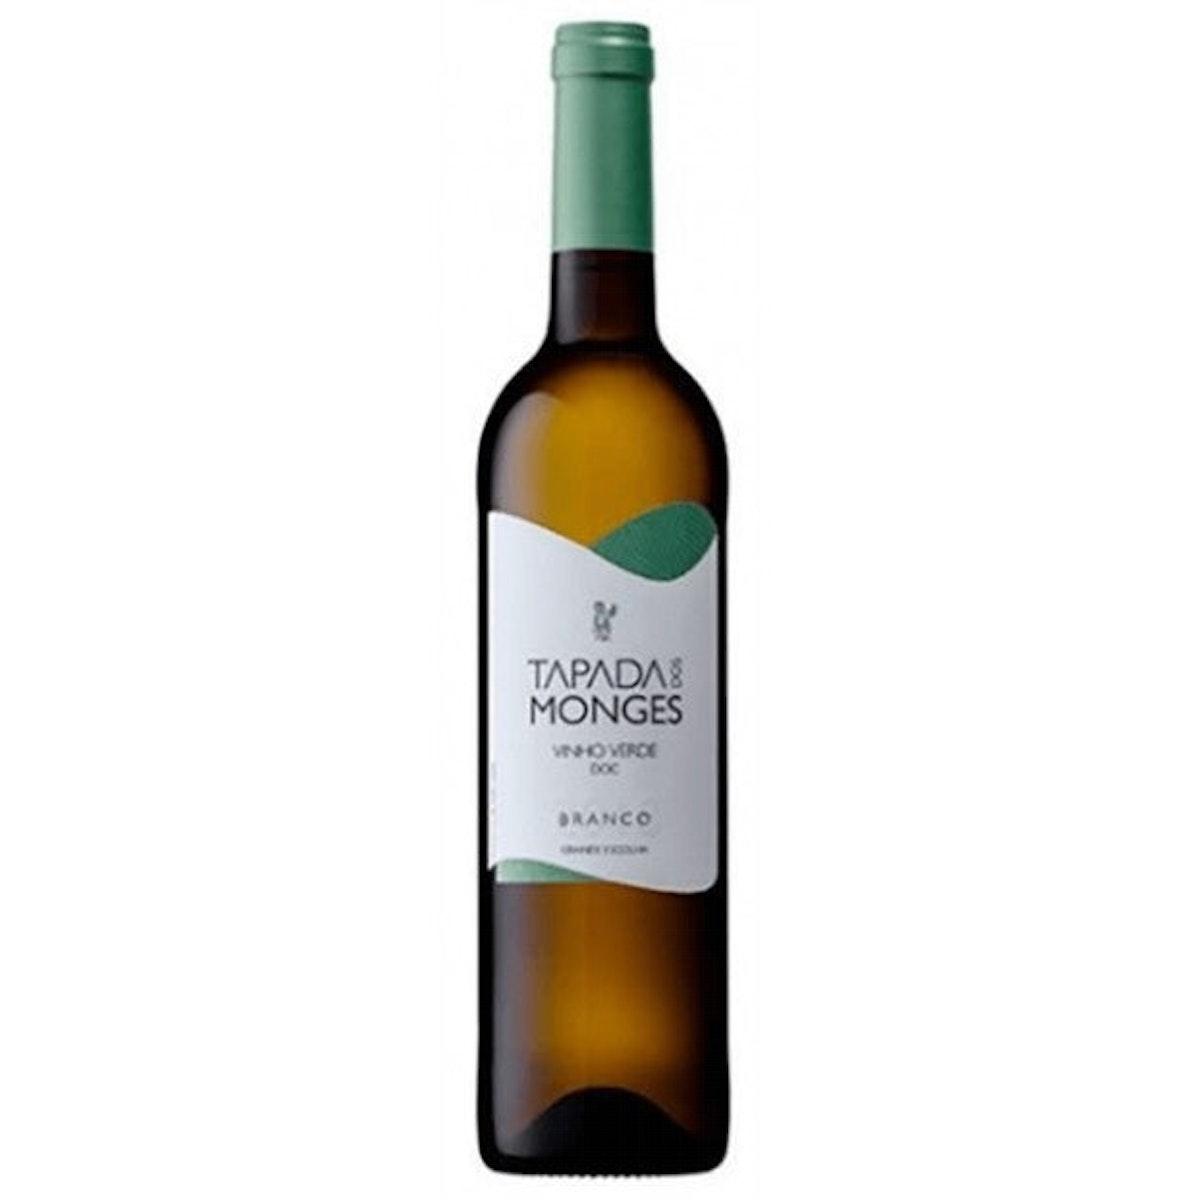 Branco' Vinho Verde Tapada dos Monges, 2019